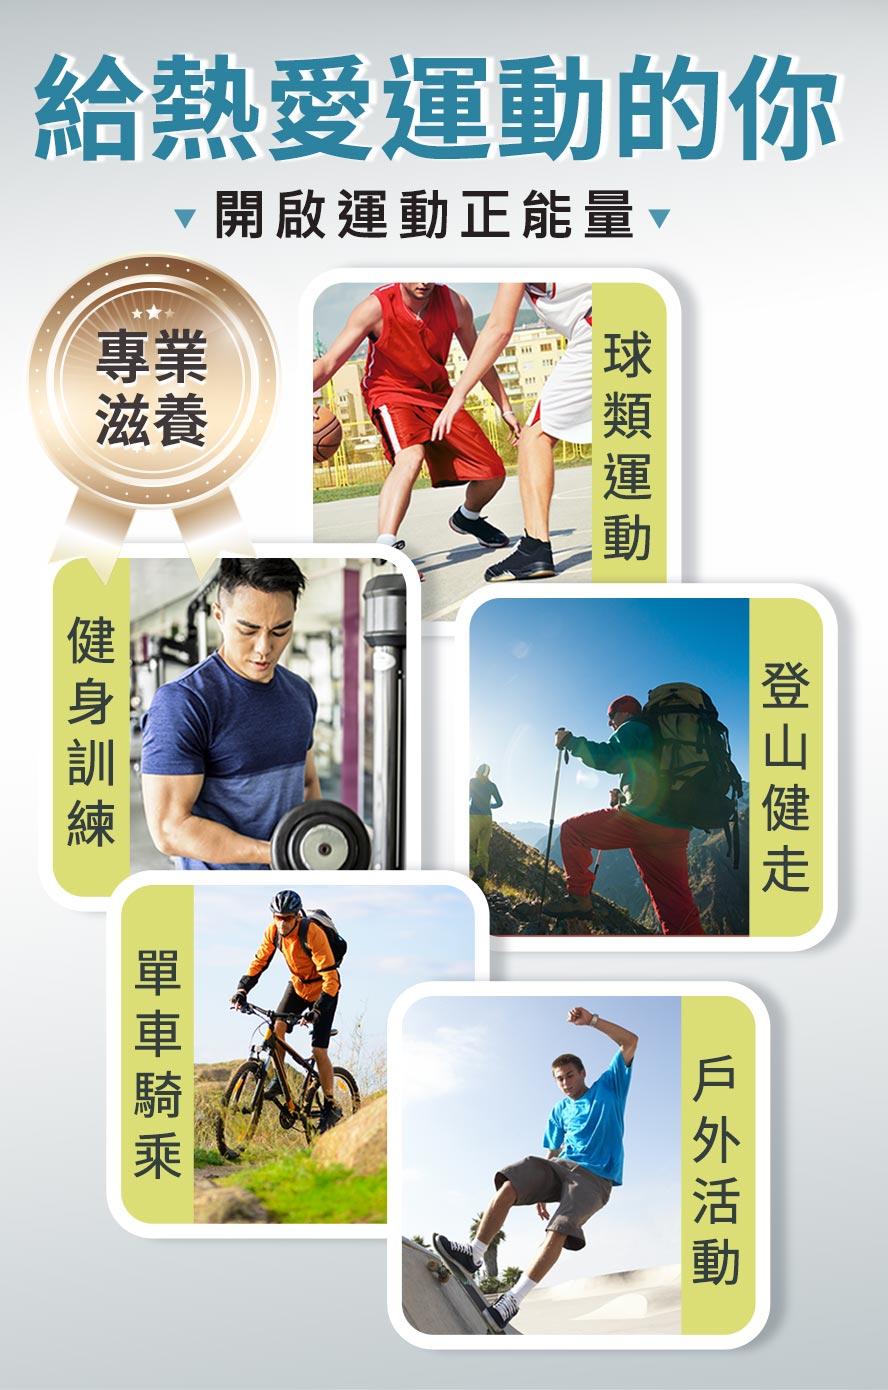 如果是長期打球,健身、爬山健走等容易使用關節的運動者,更應該要注意